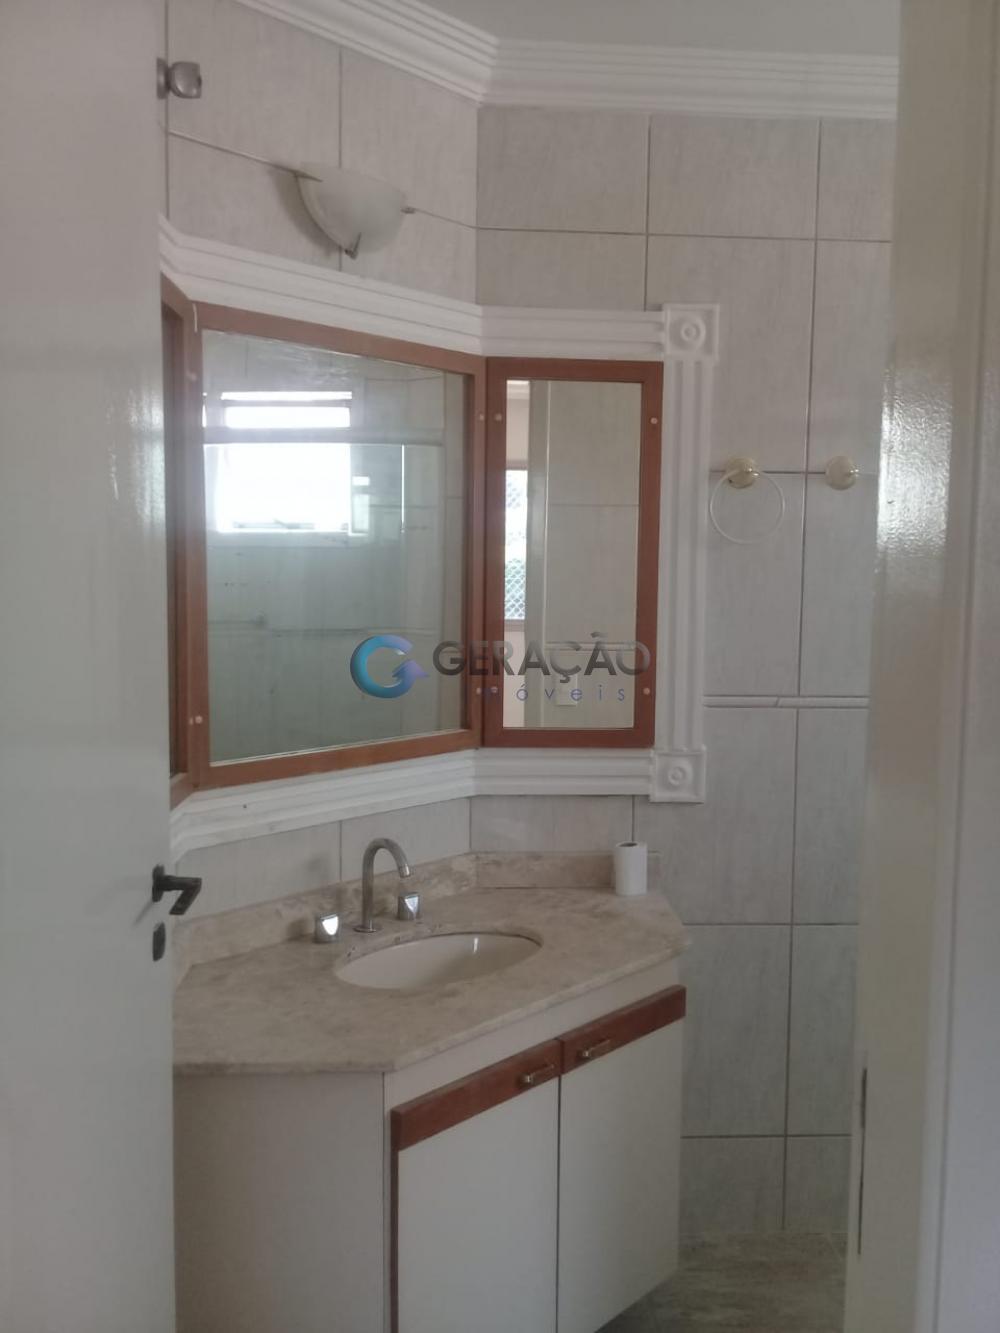 Alugar Apartamento / Padrão em São José dos Campos apenas R$ 1.750,00 - Foto 10